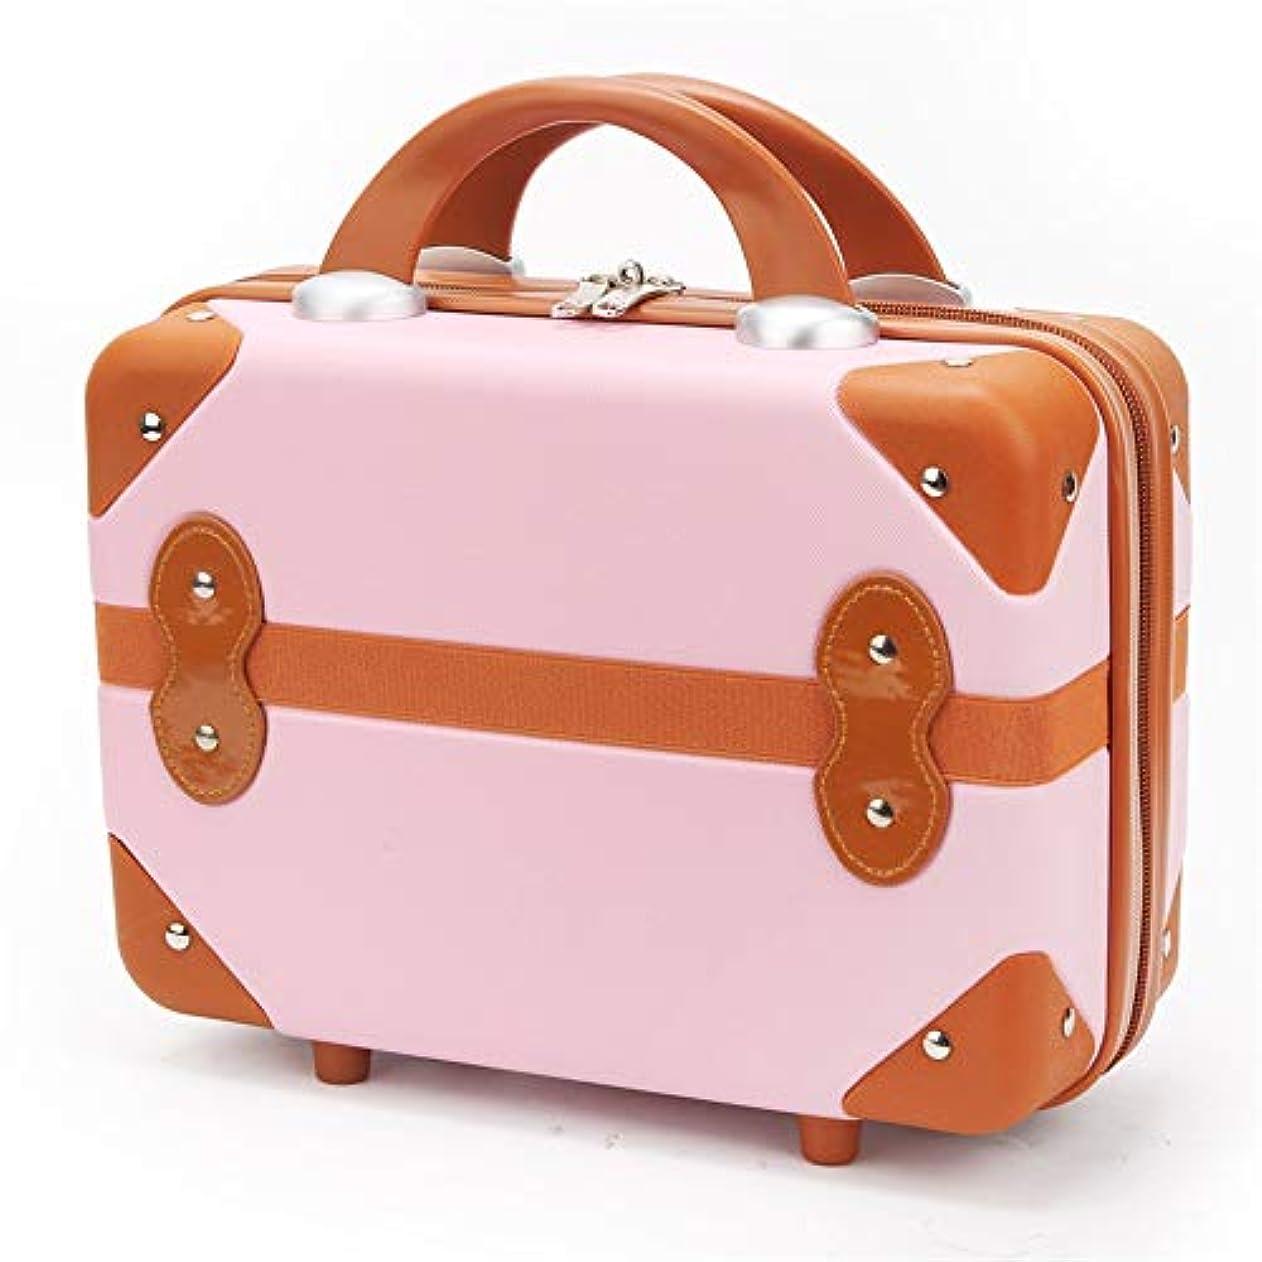 フェデレーション色合いショップ化粧オーガナイザーバッグ 14インチのメイクアップトラベルバッグPUレター防水化粧ケースのティーン女の子の女性アーティスト 化粧品ケース